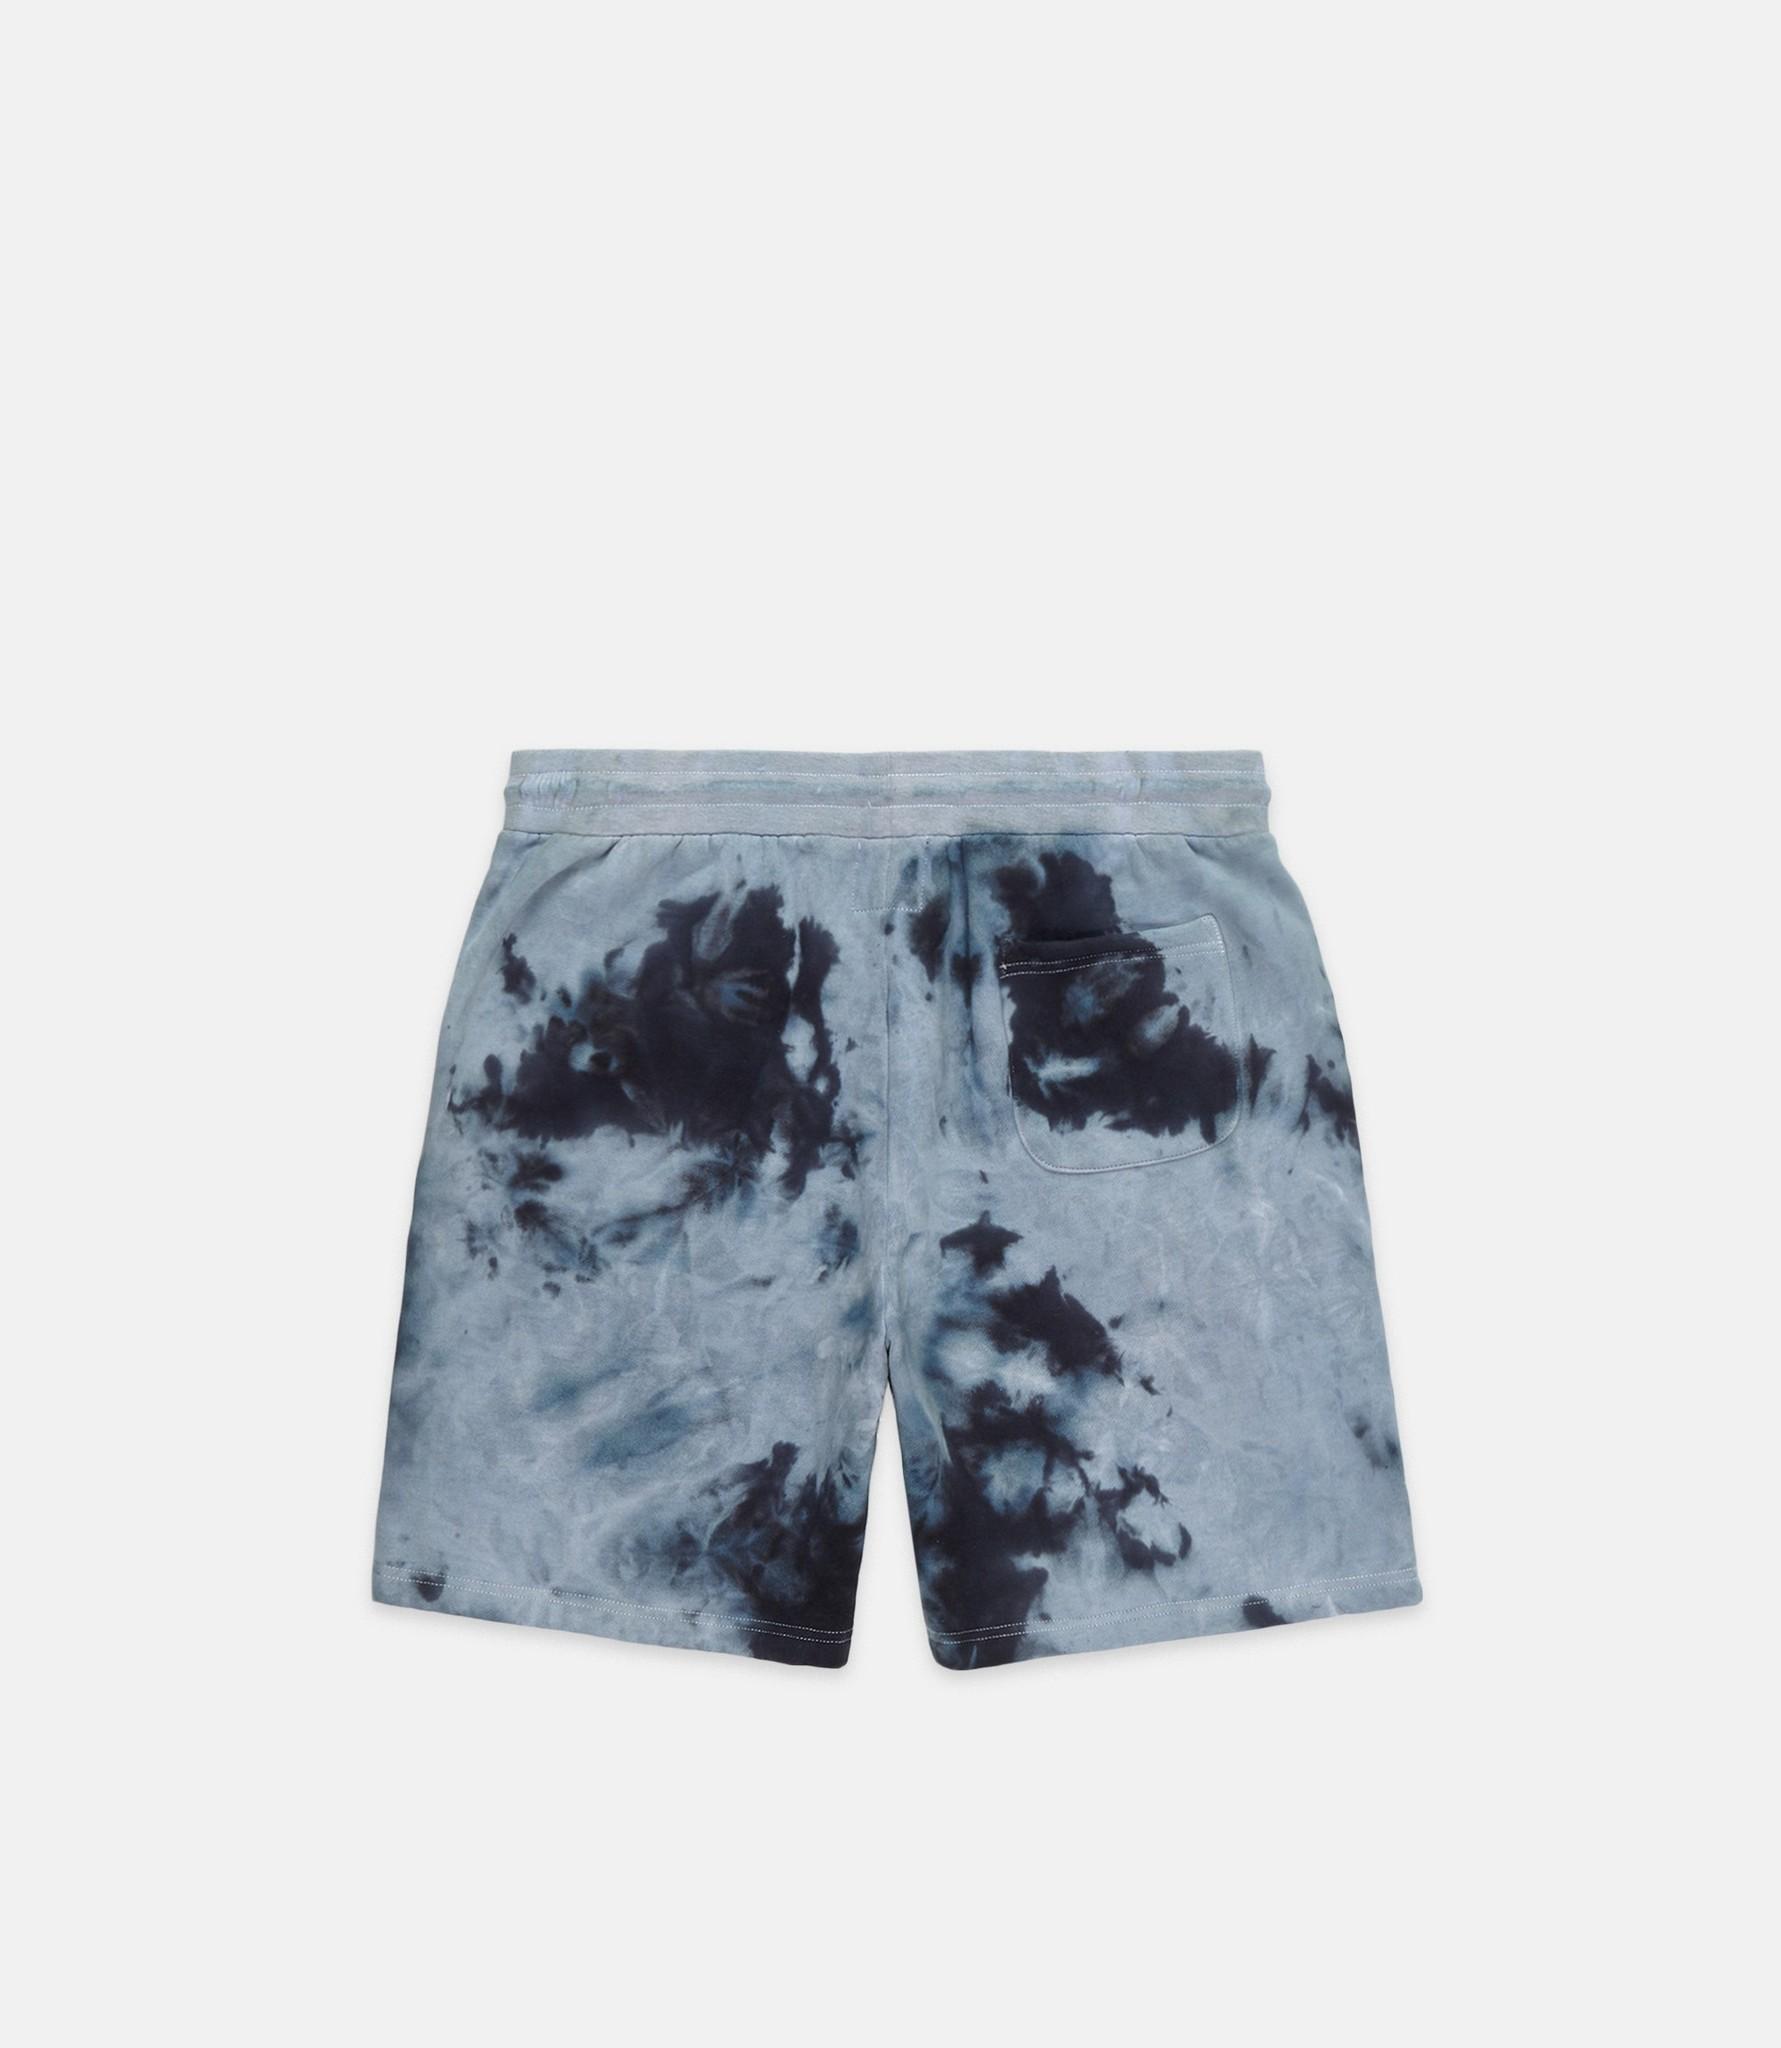 10 Deep 10 Deep Tie Dead Shorts Black